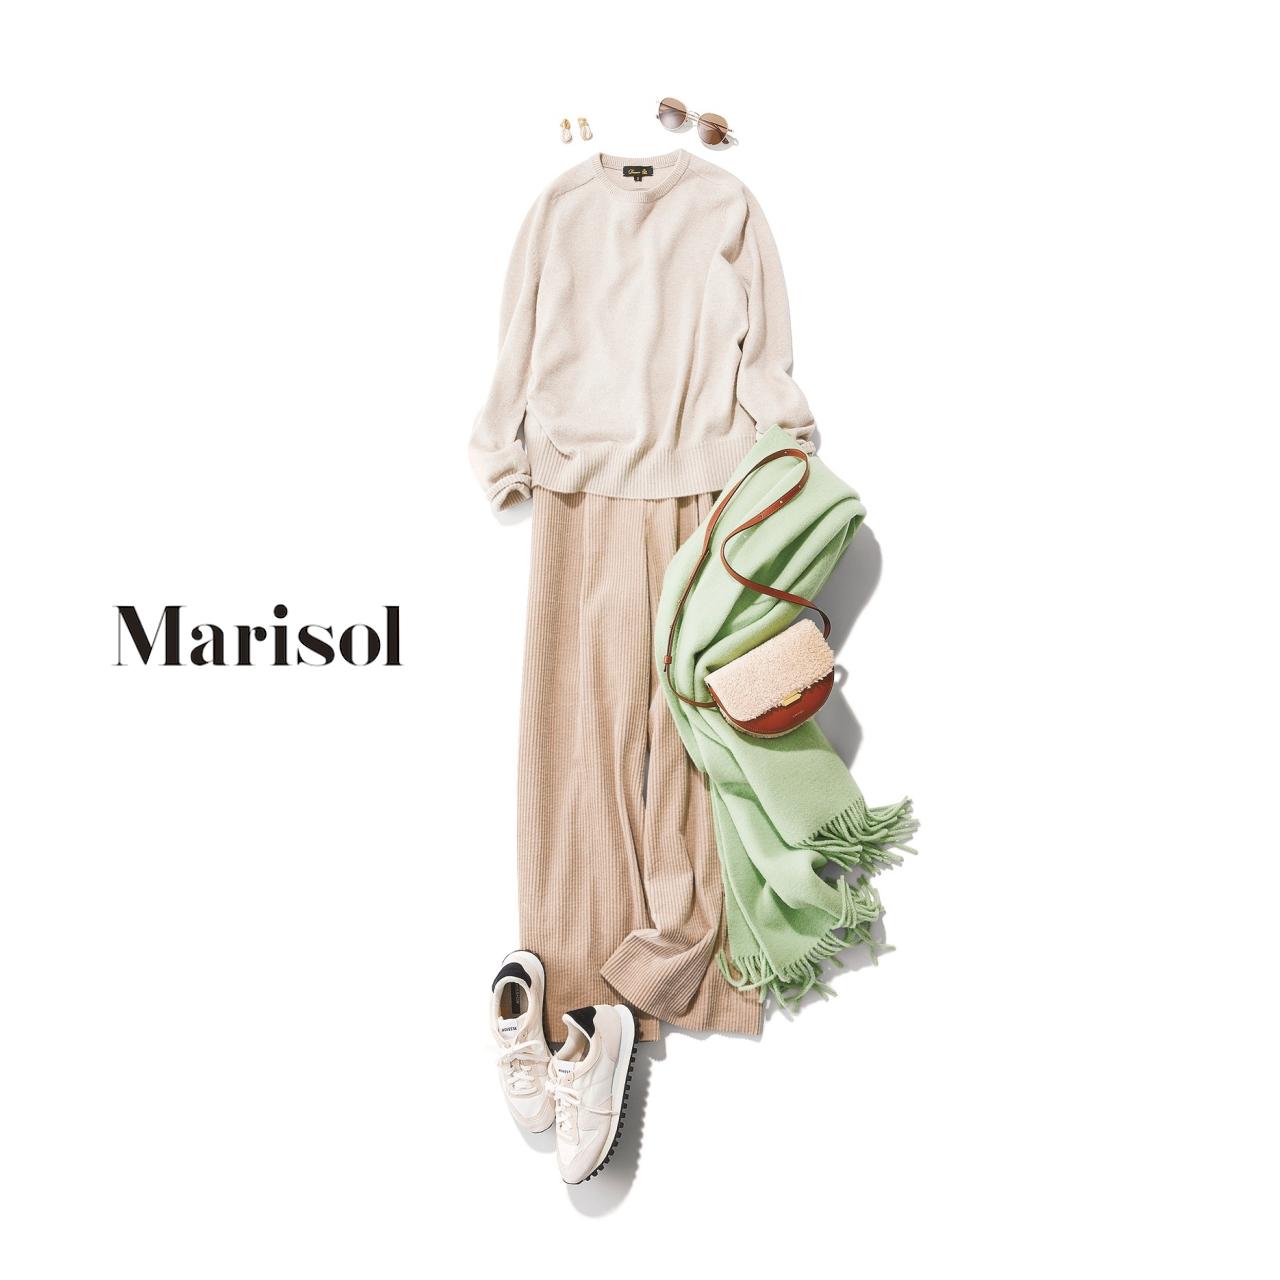 40代ファッション スウエット×コーデュロイパンツコーデ